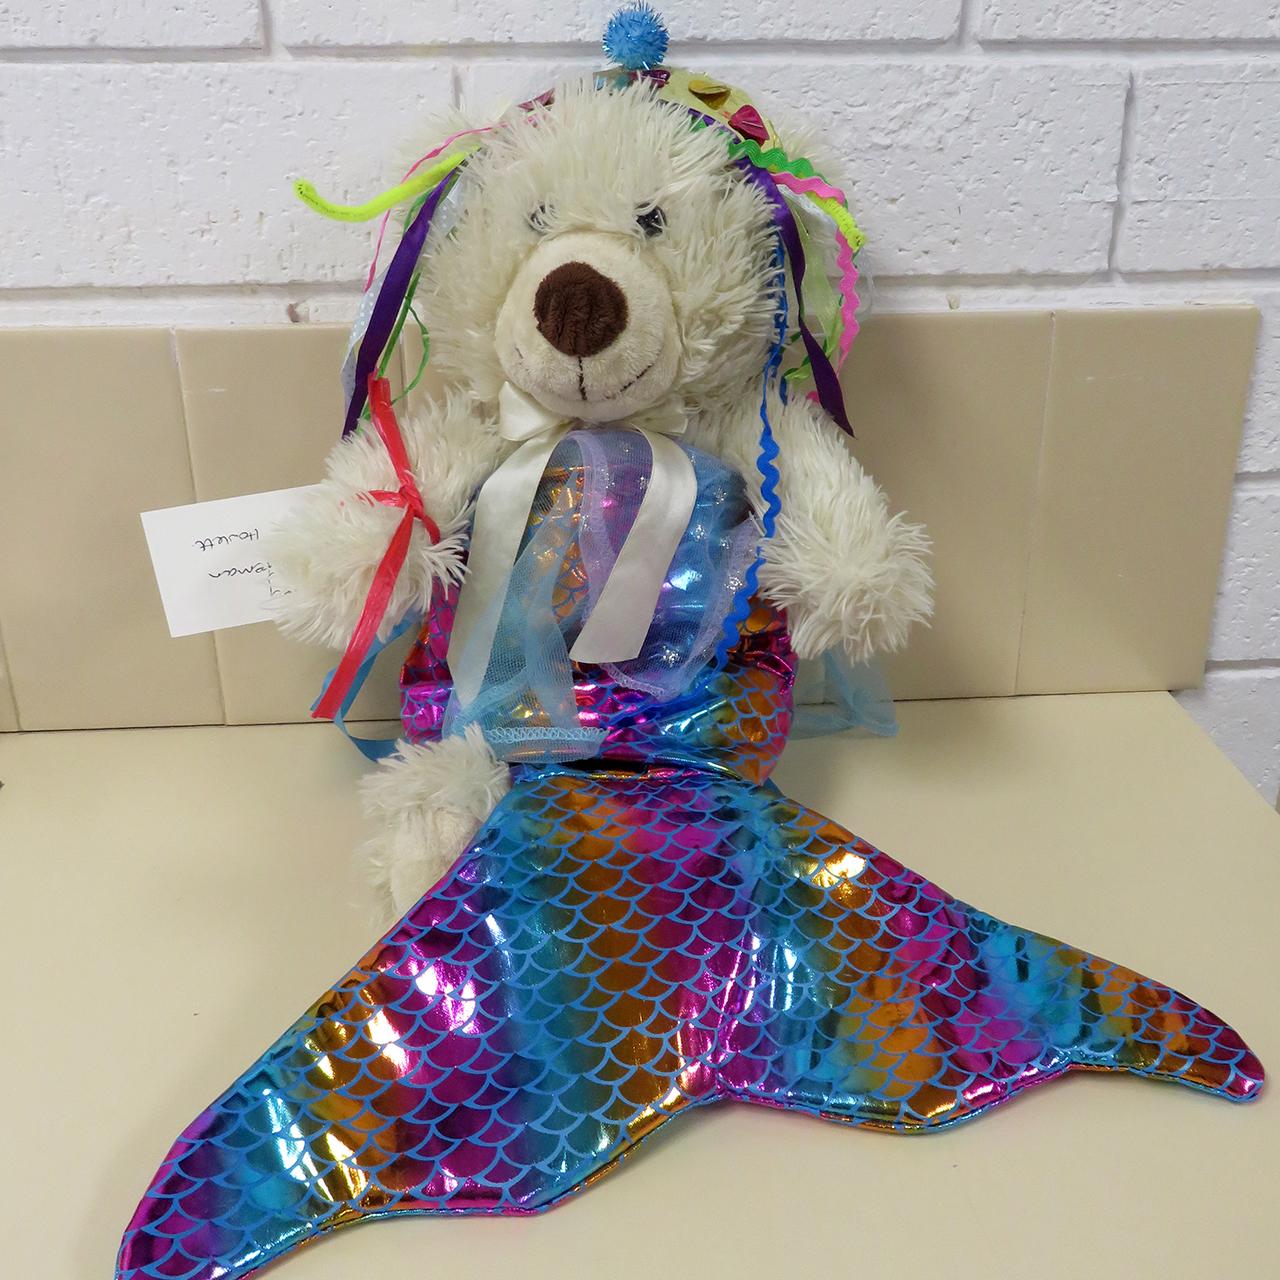 Ariel from Little Mermaid - Abbey Bateman